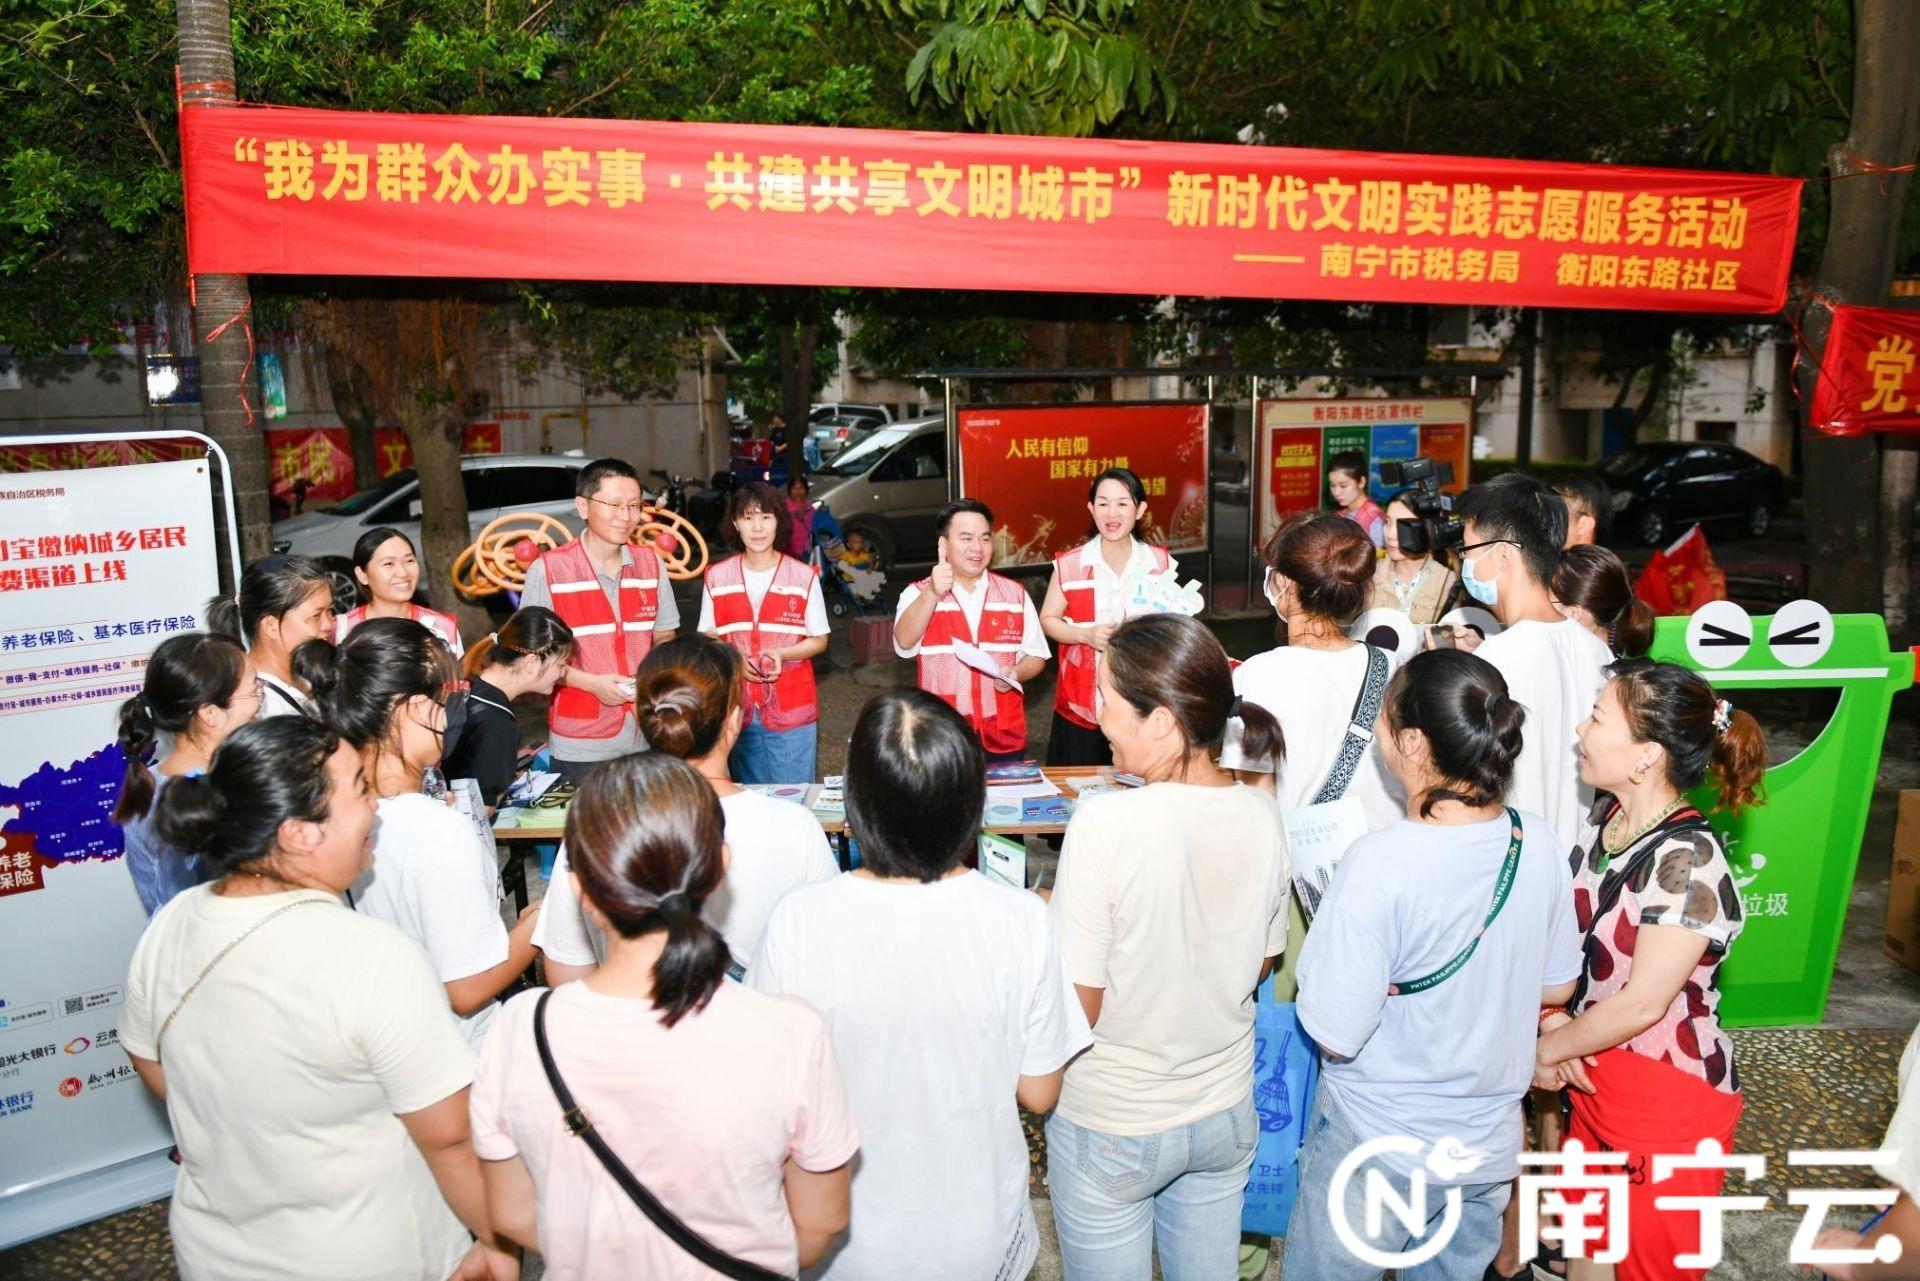 广西省南宁市税务局开展社区志愿服务活动 助力全国文明城市创建